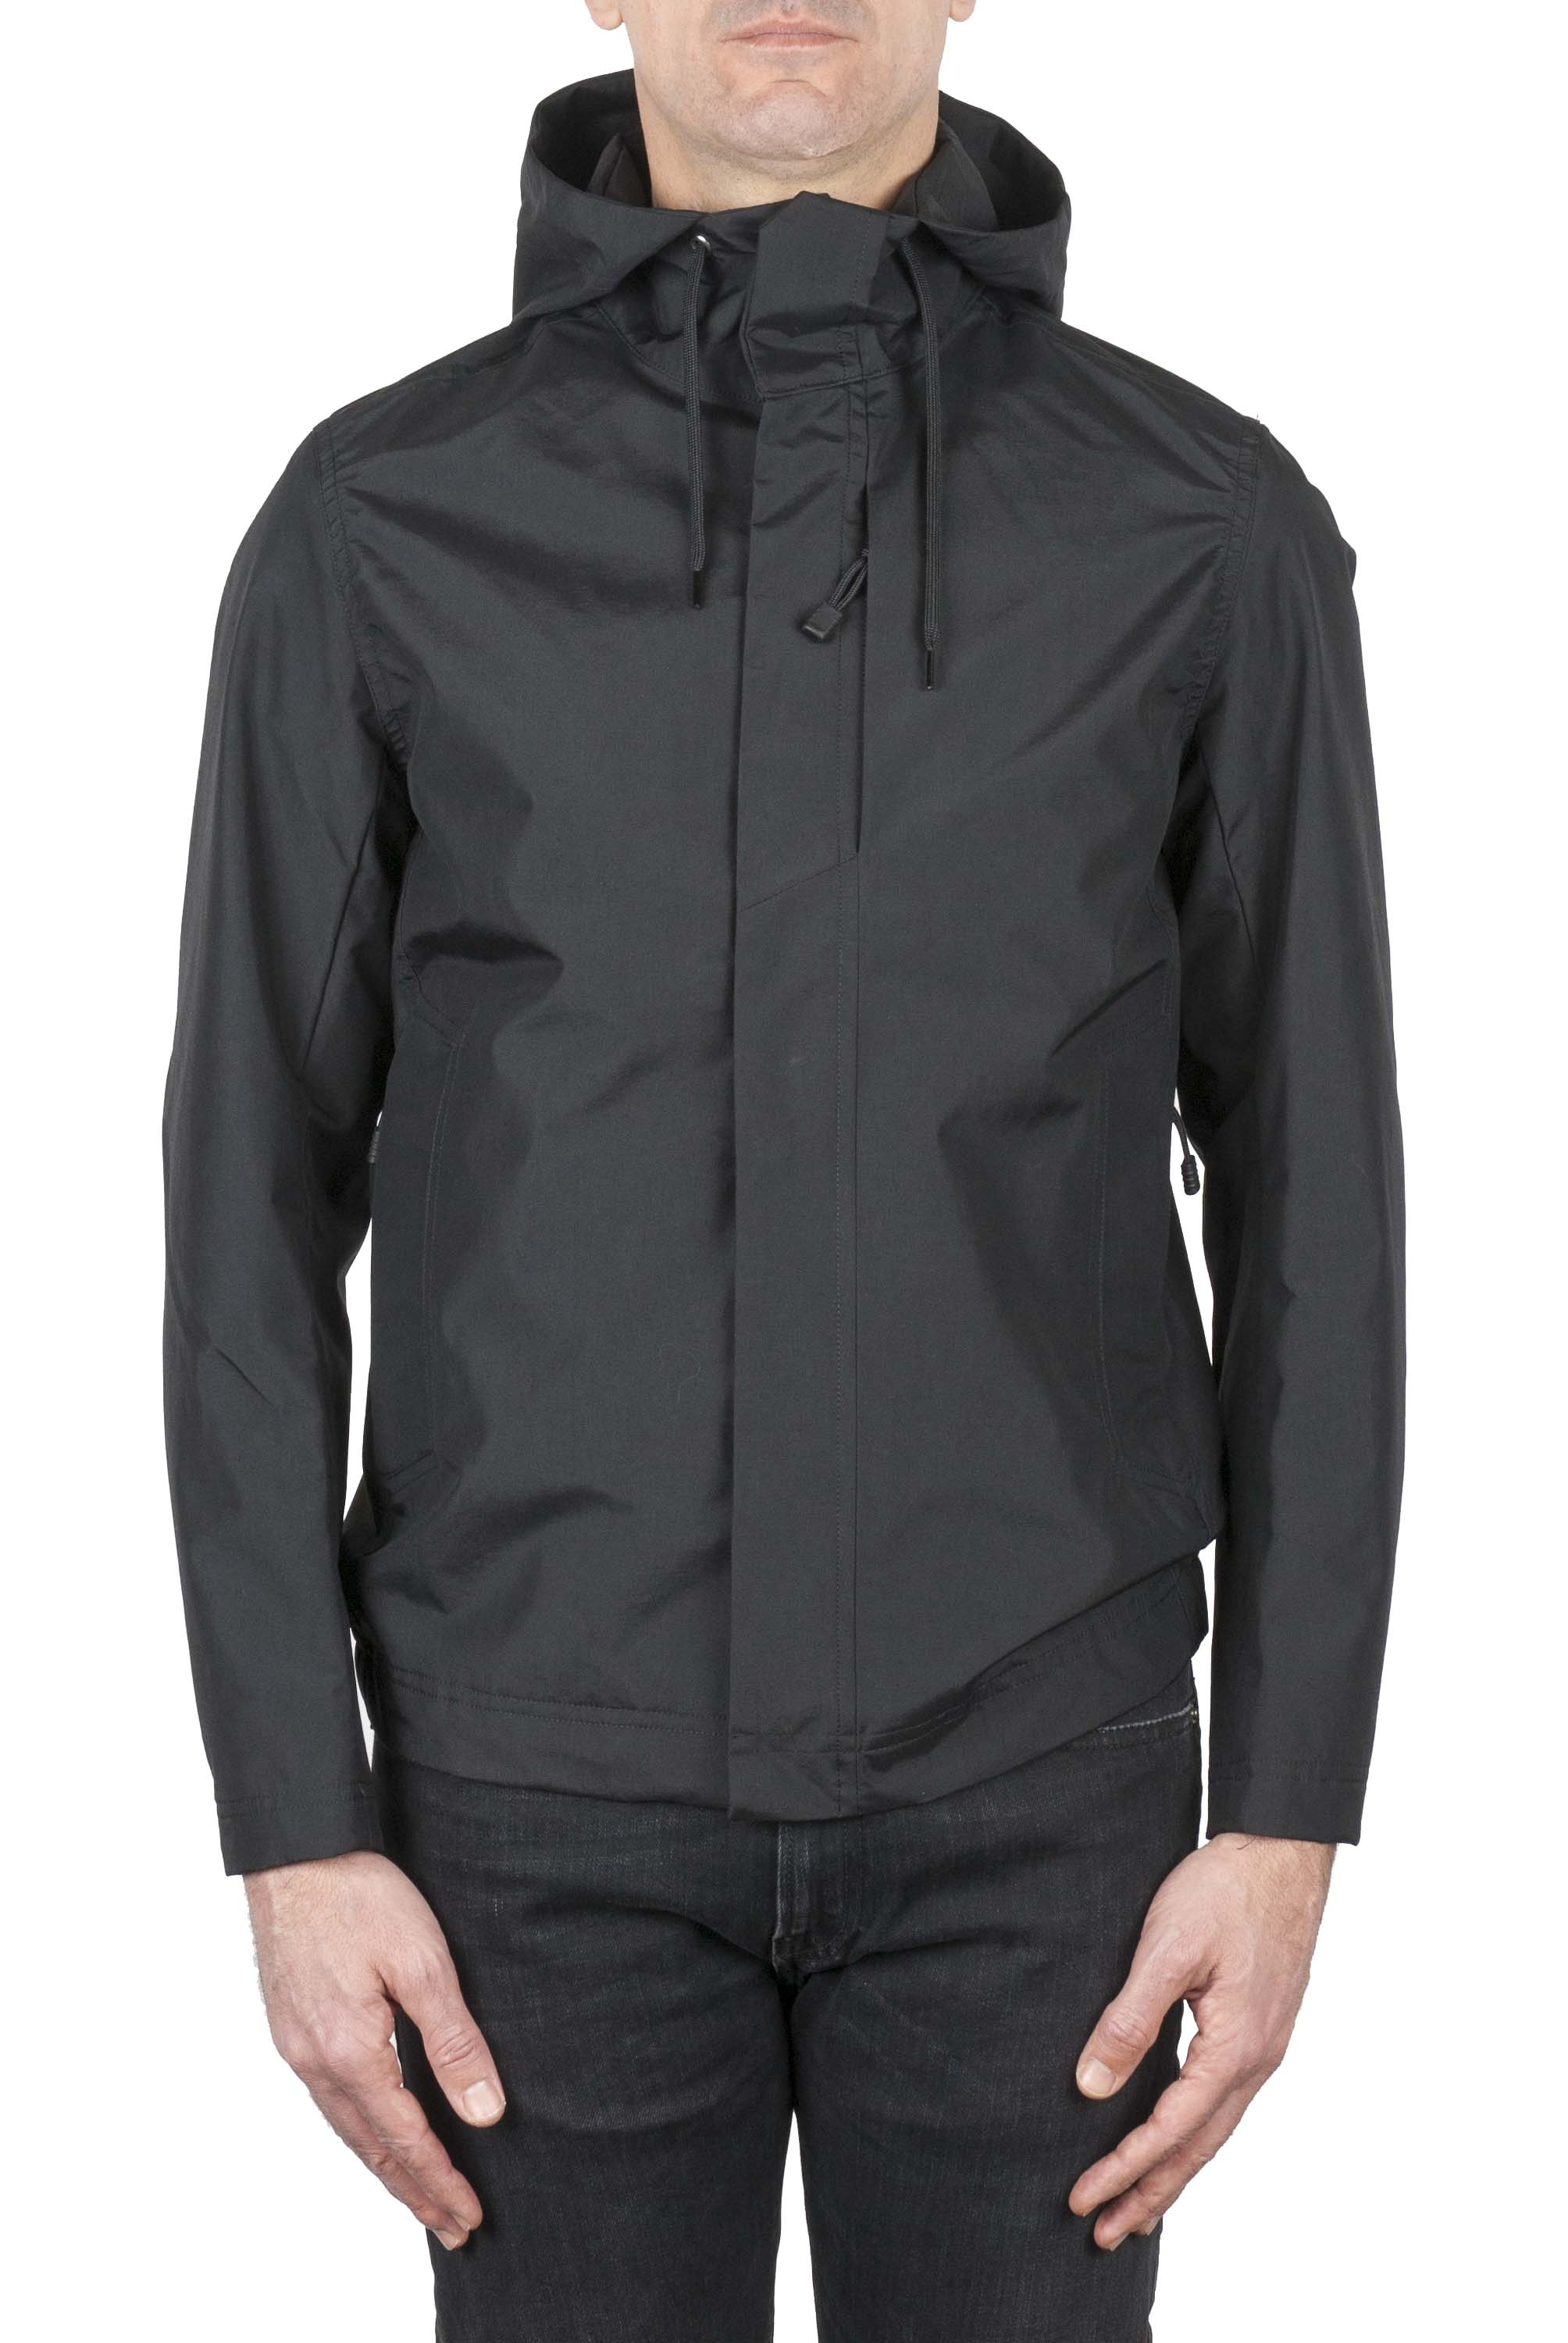 SBU 01557_19AW Technical waterproof hooded windbreaker jacket black 01